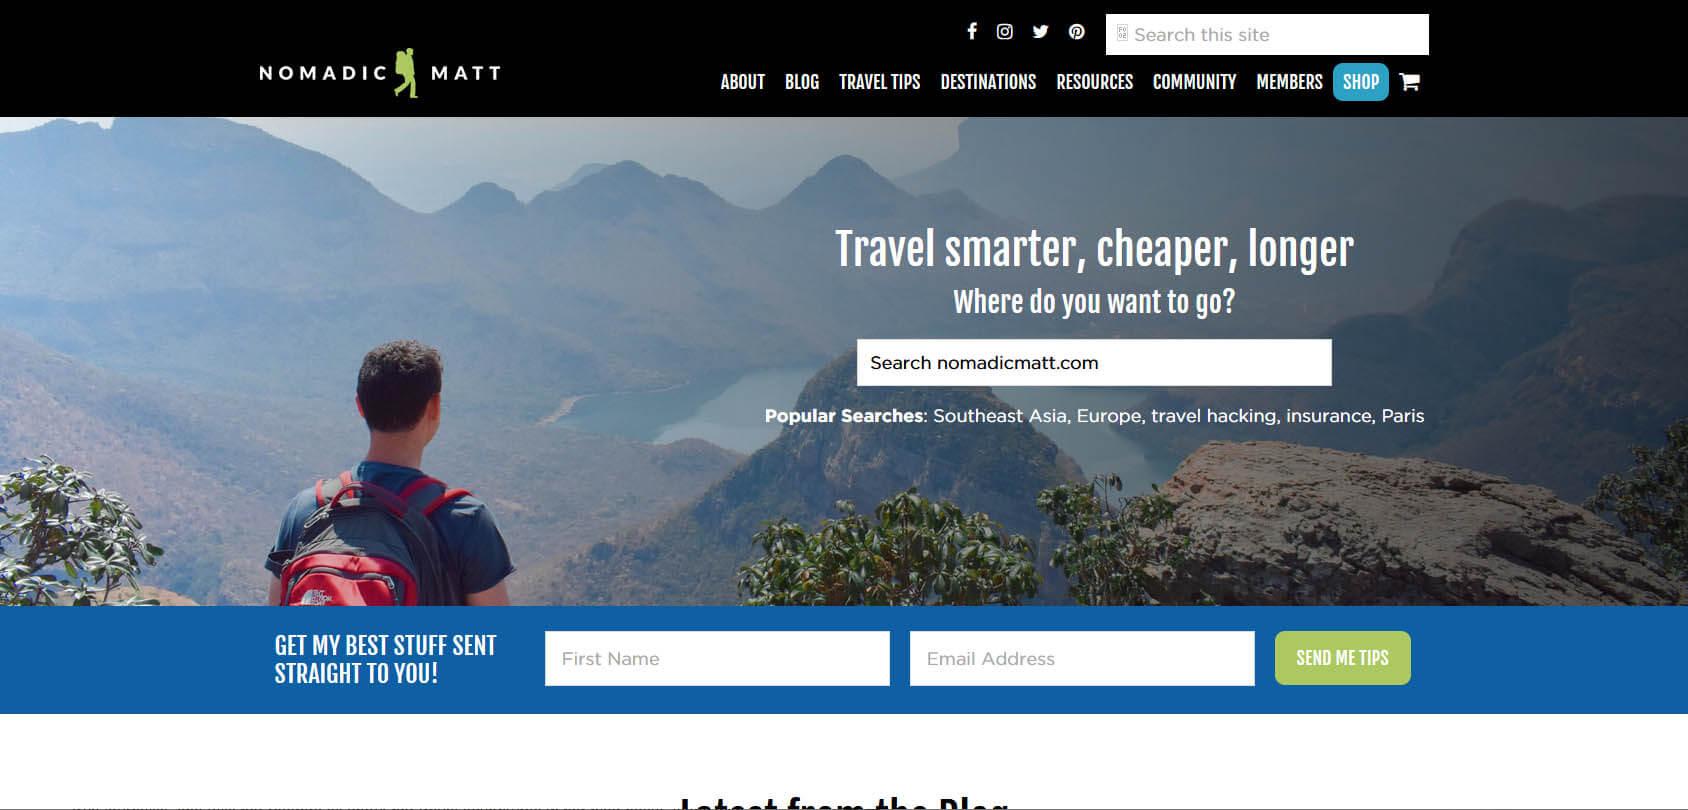 Nomadic Matt Homepage